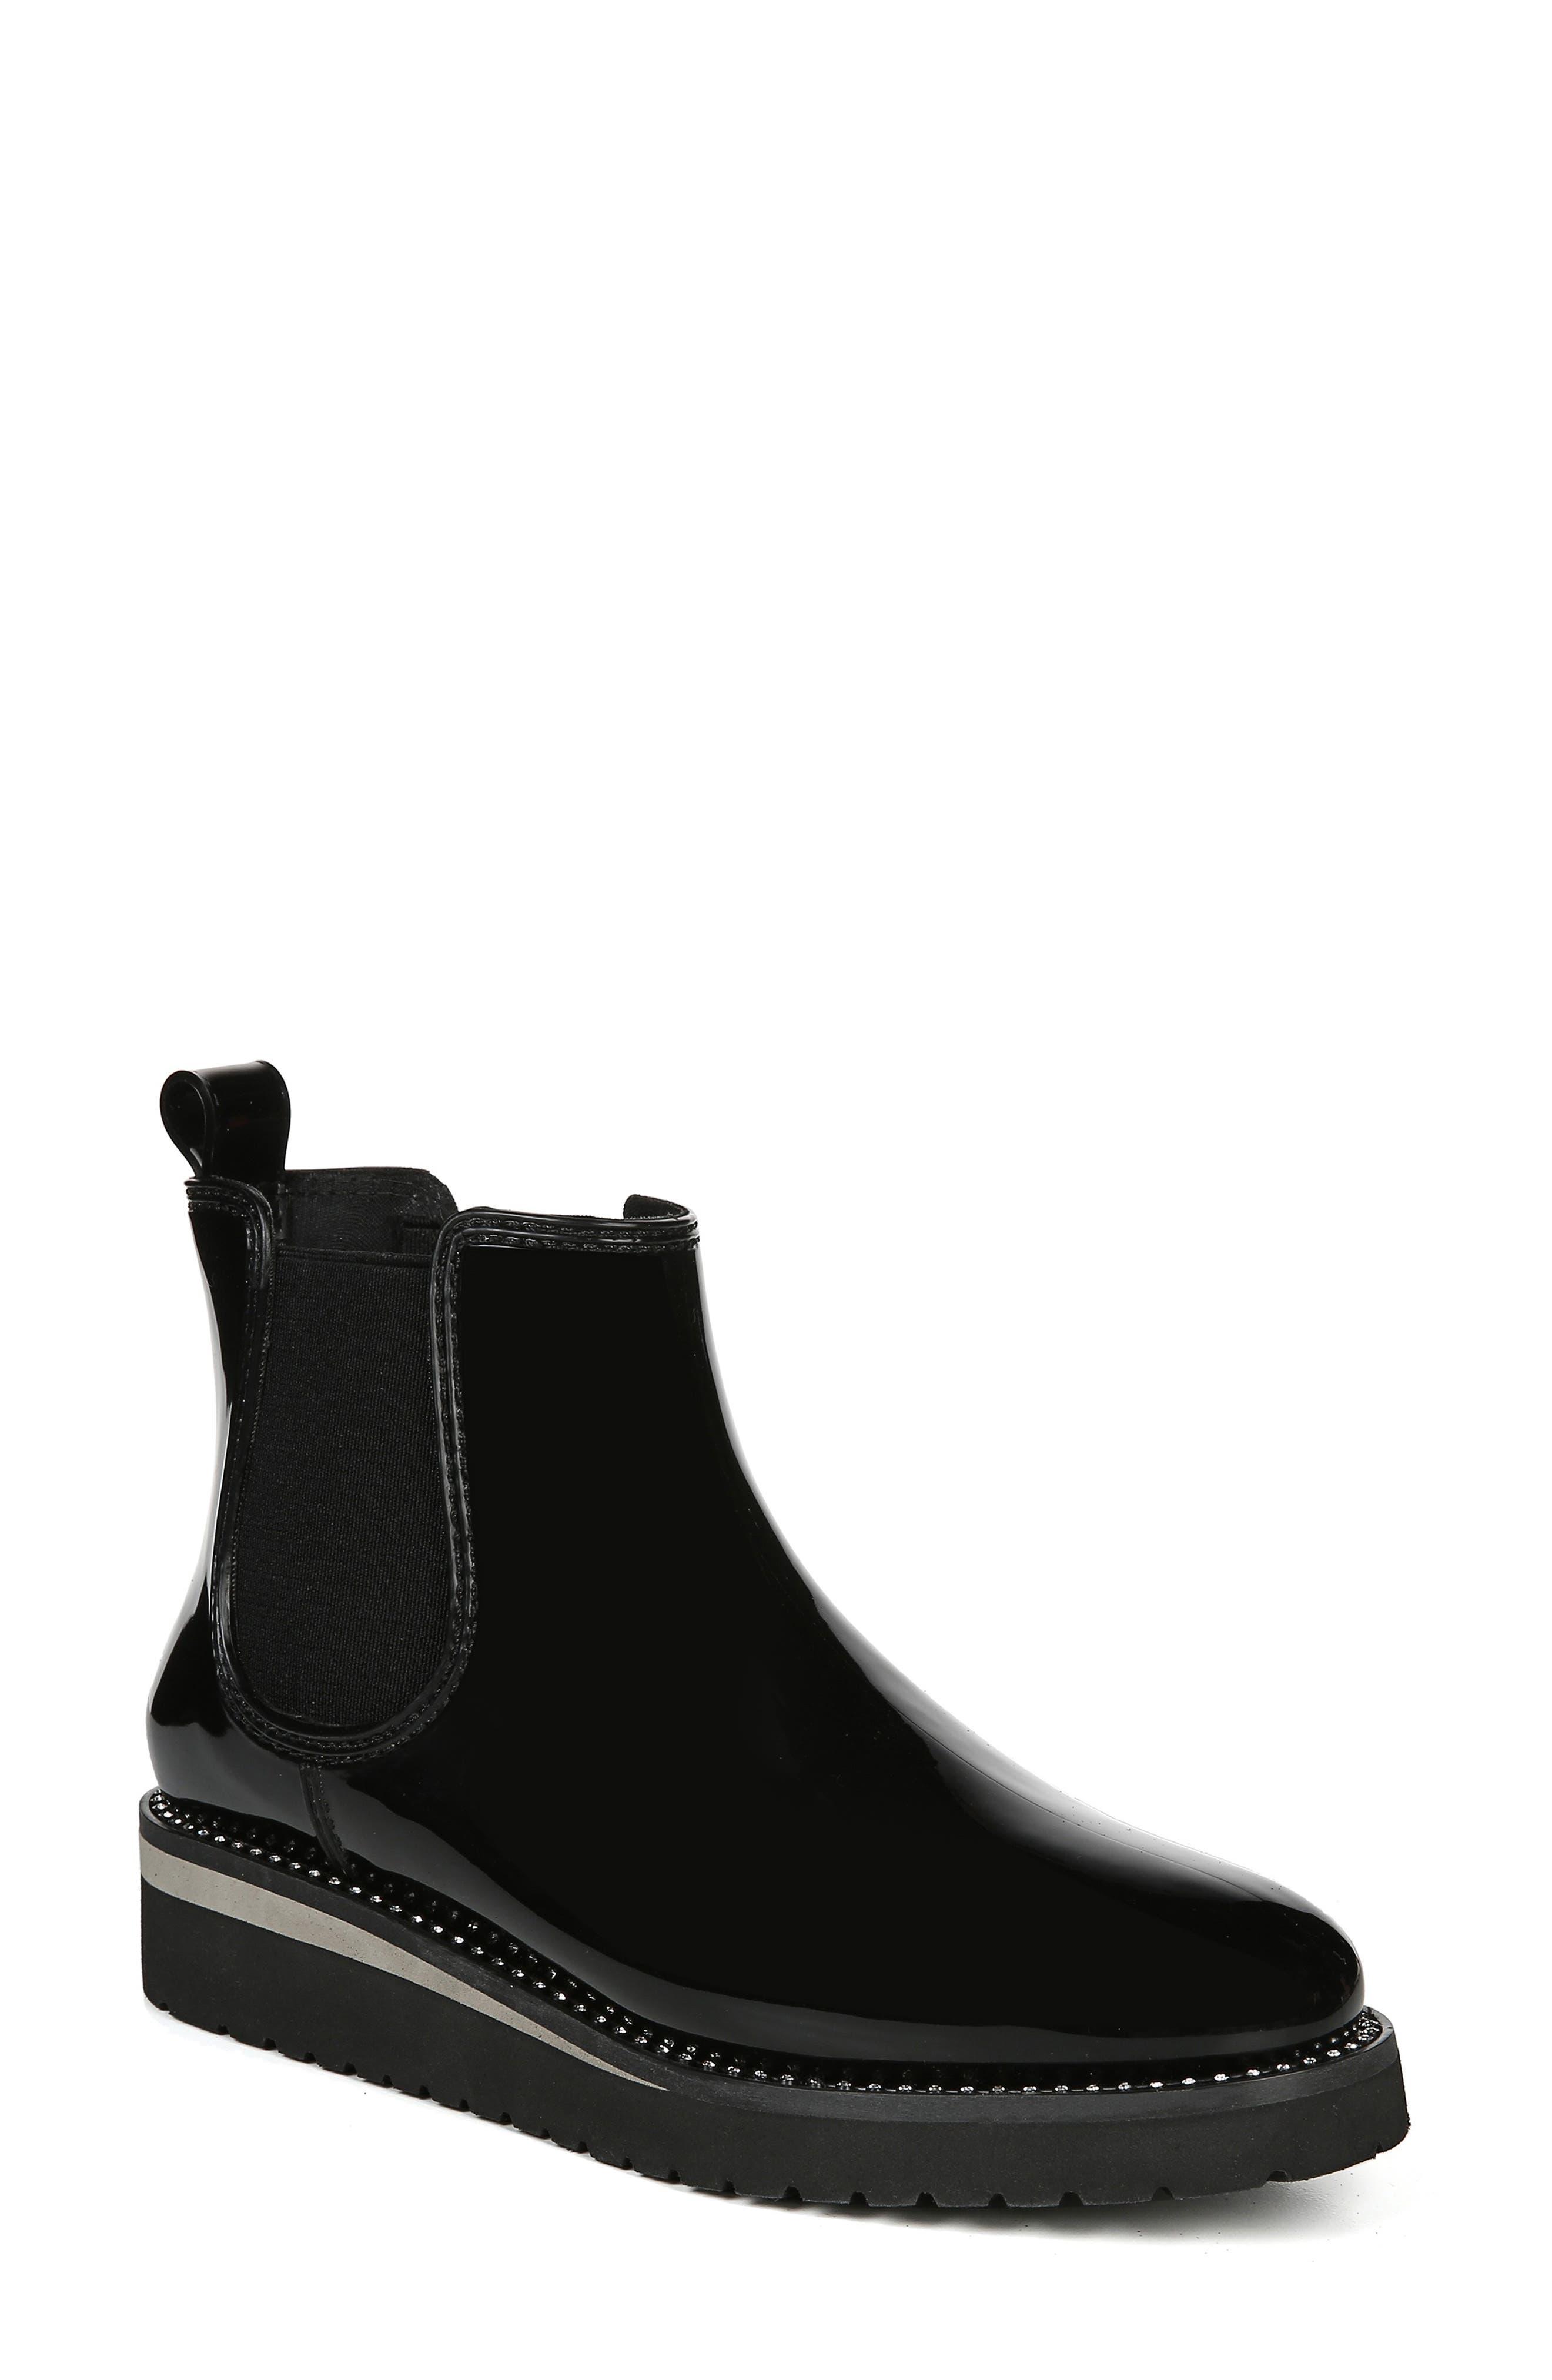 NATURALIZER, Luna Waterproof Chelsea Boot, Main thumbnail 1, color, BLACK